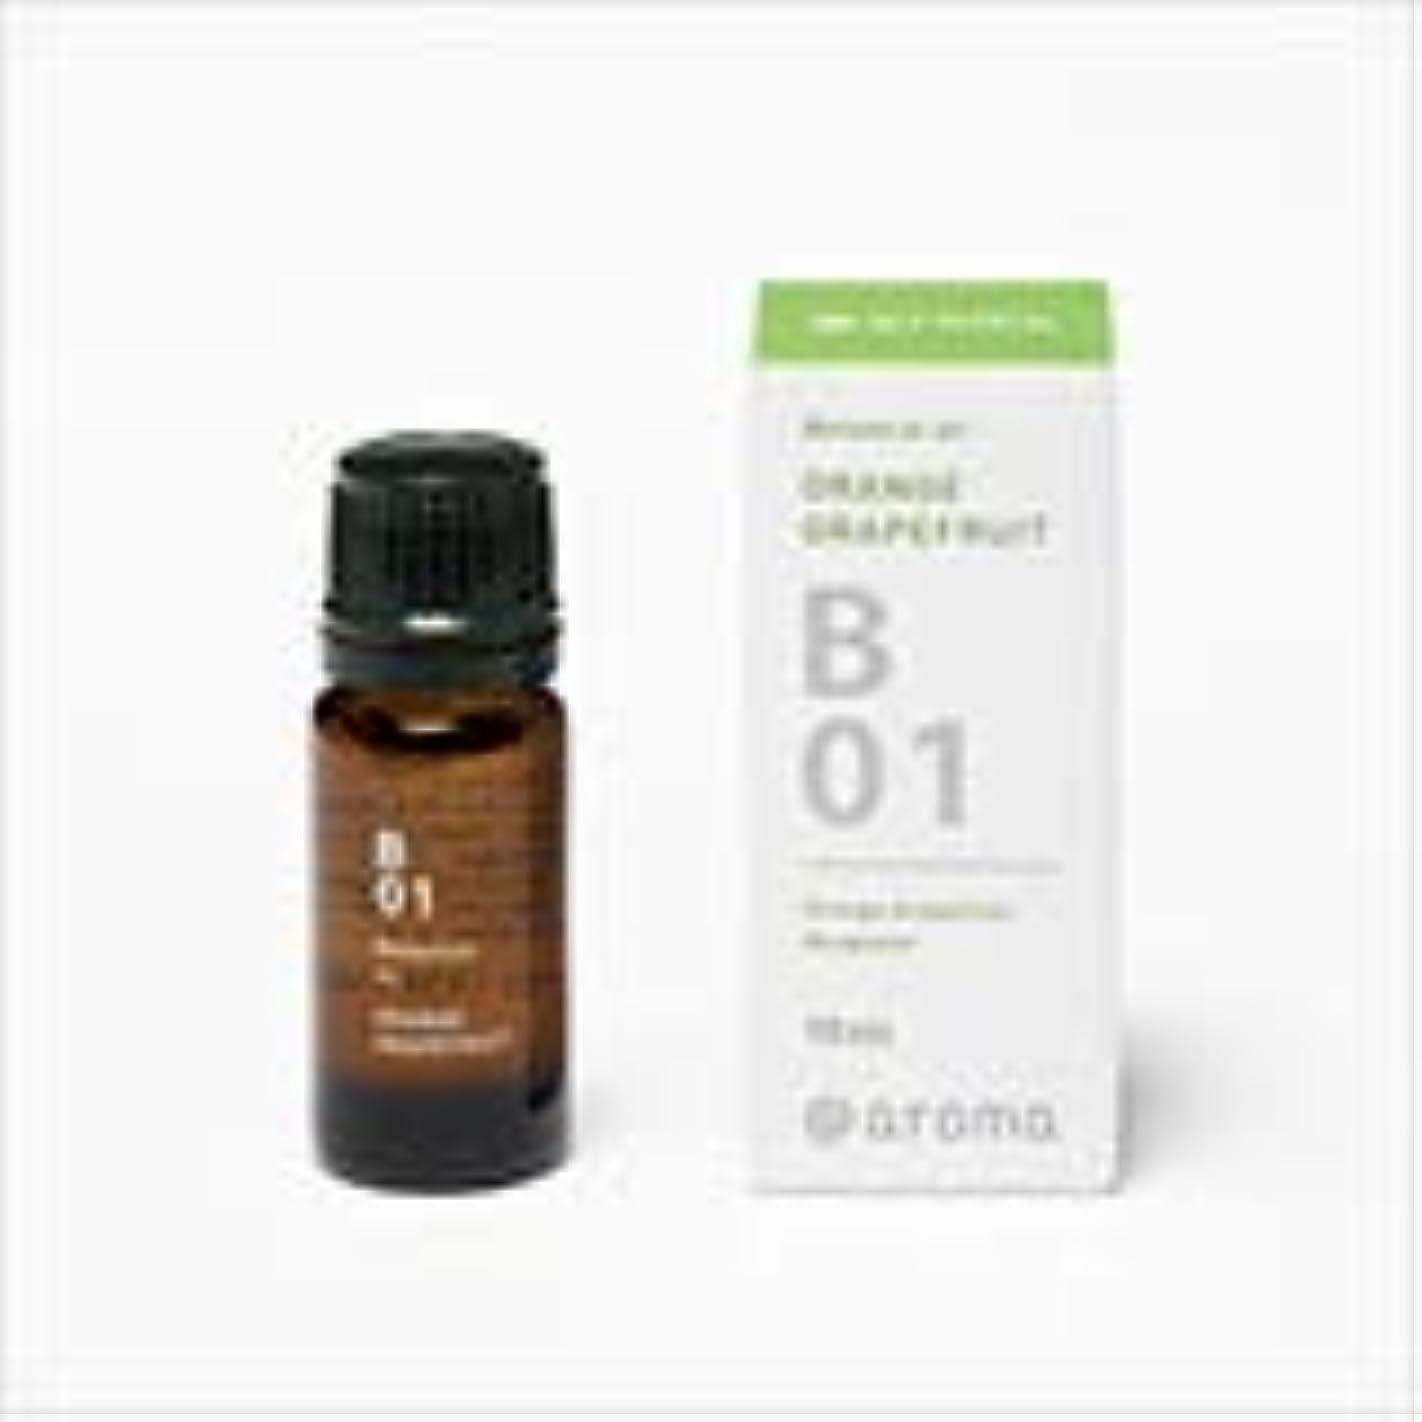 直径適応必要としているアットアロマ 100%pure essential oil <Botanical air ラベンダーティートリー>